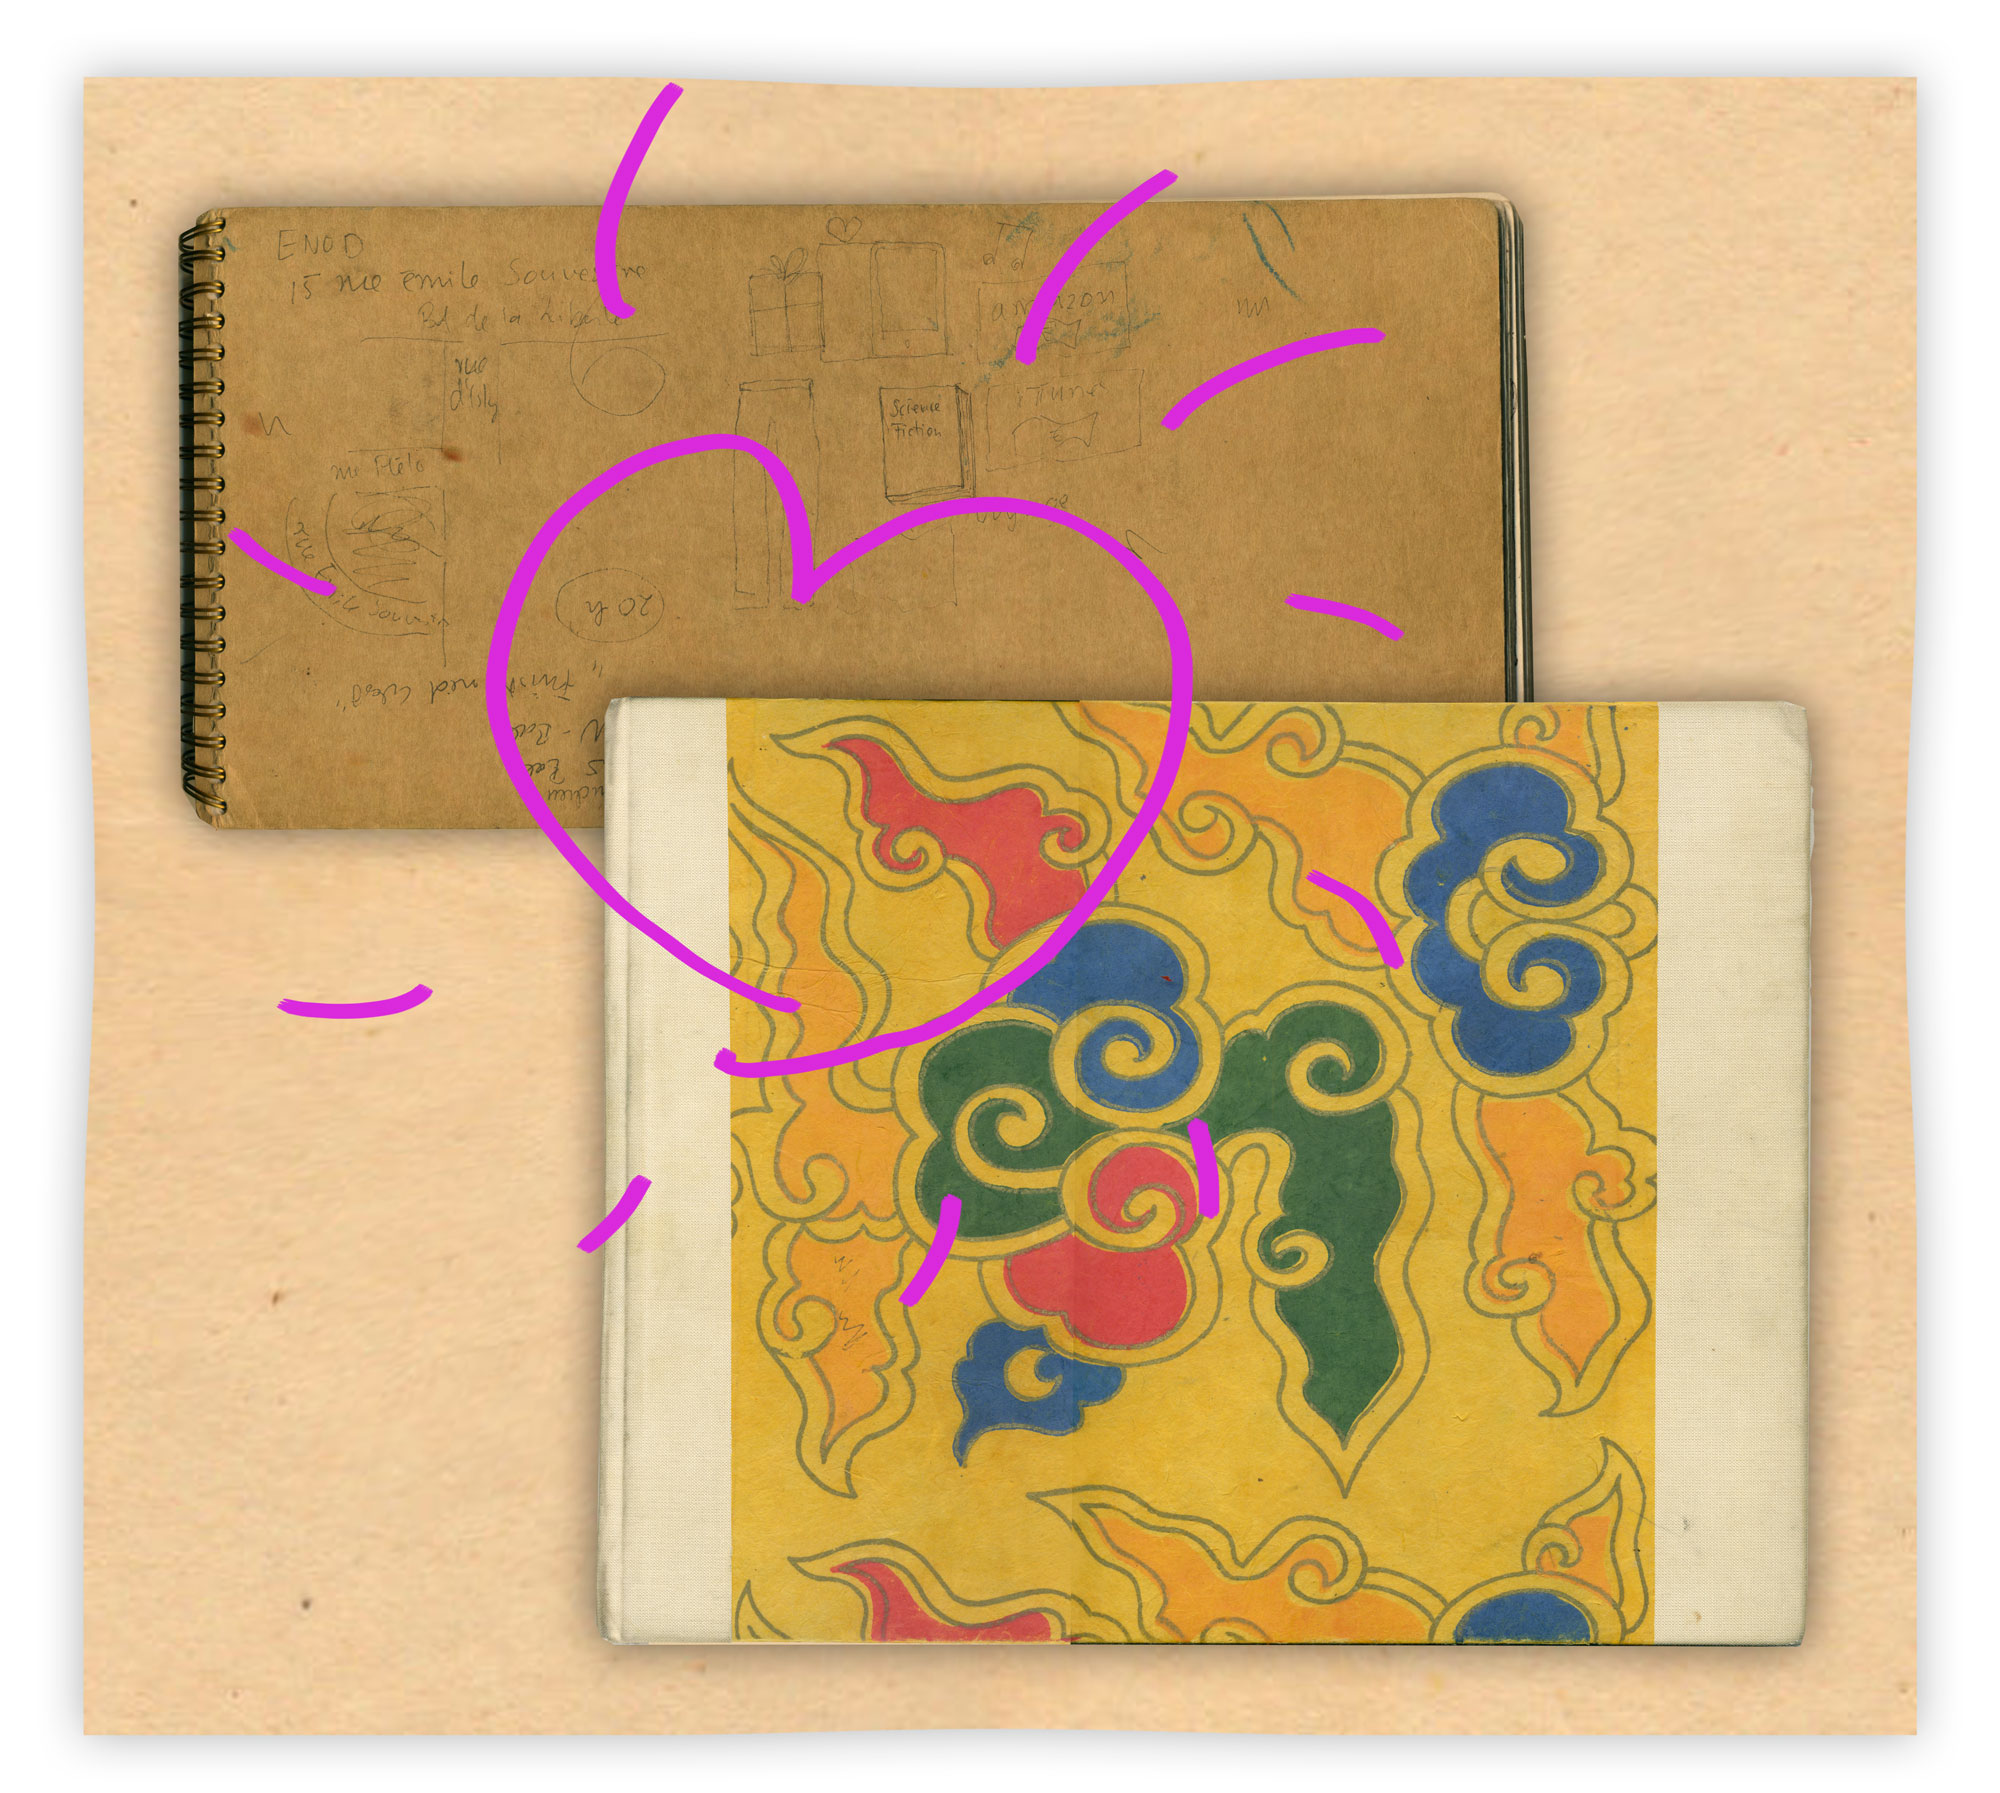 zwei Skizzenbücher liegen auf dem Tisch. Darüber ist ein pinkes Herz gezeichnet.